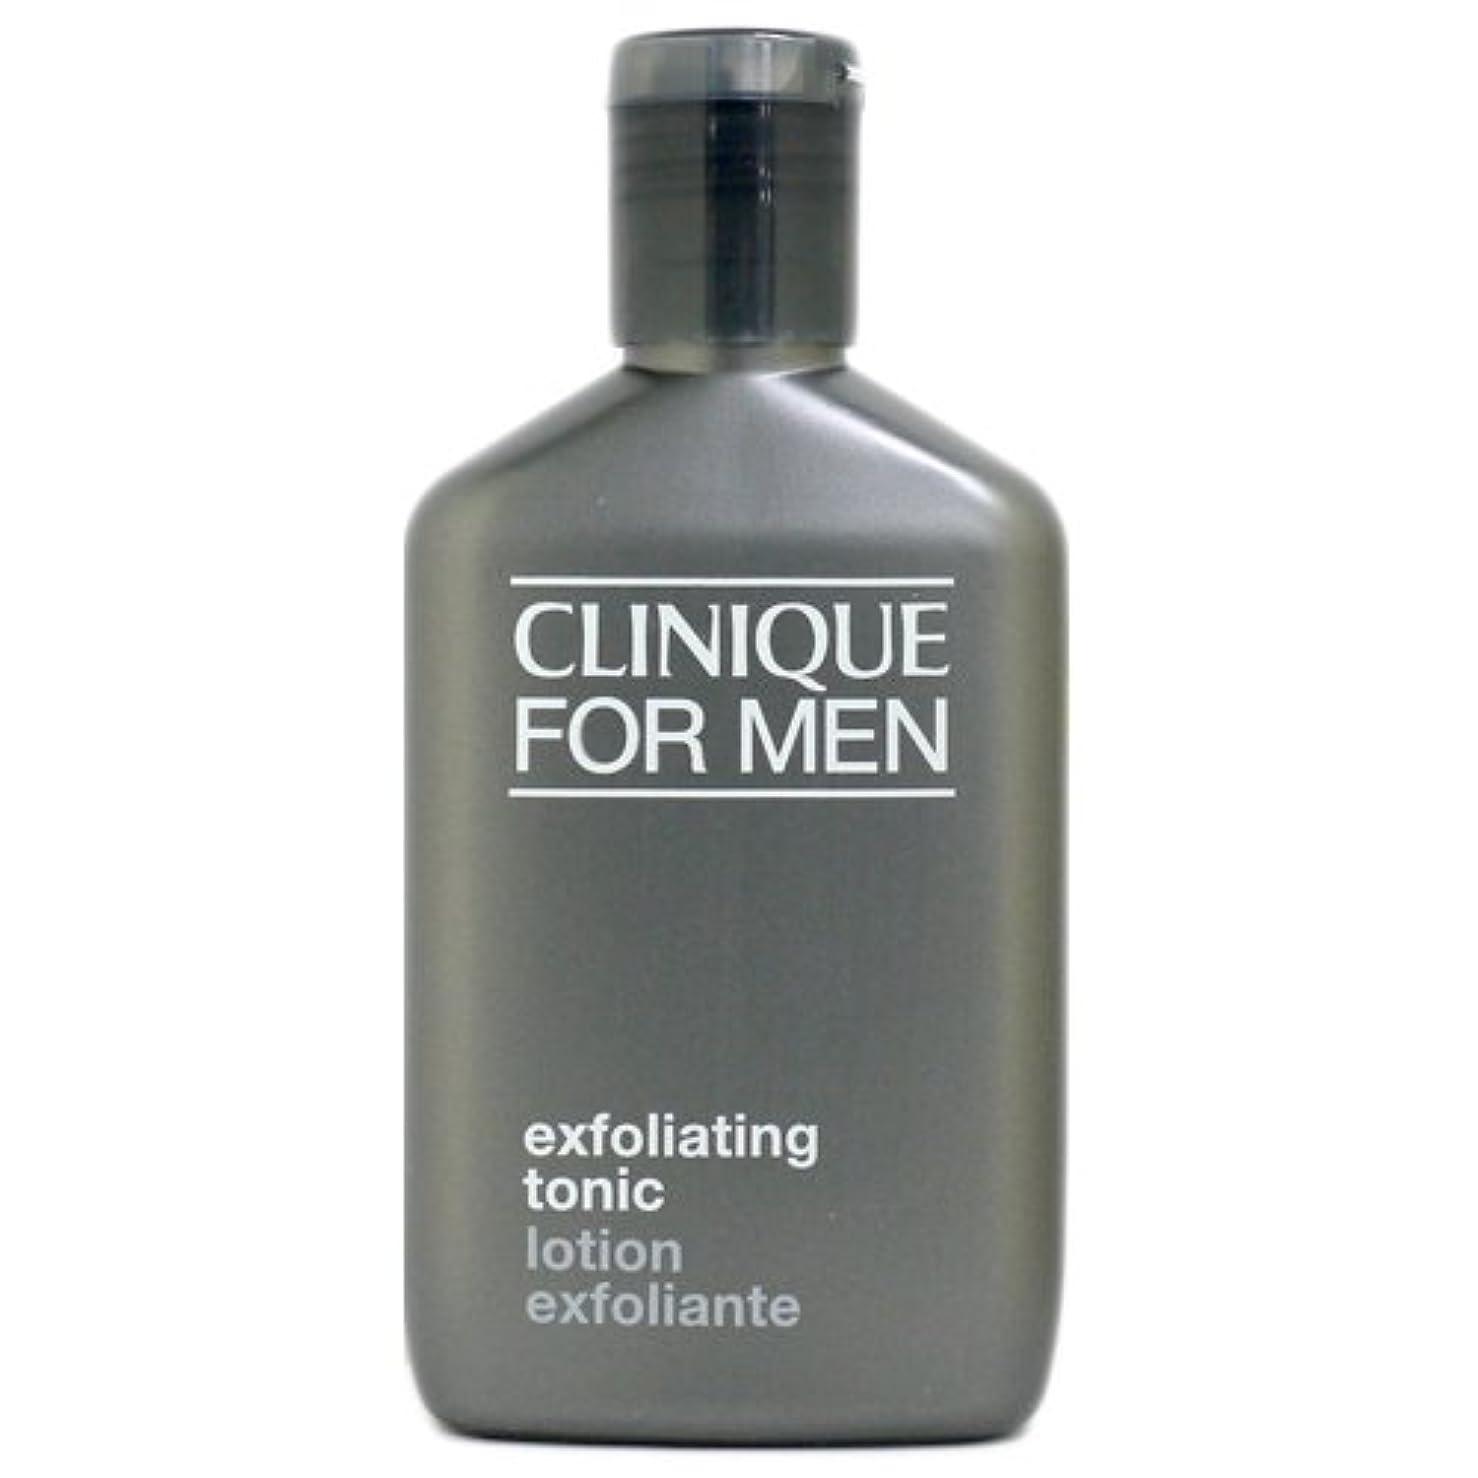 ルーチンわずかな協力クリニークフォーメン(CLINIQUE FOR MEN) エクスフォリエーティング トニック 200ml[並行輸入品]